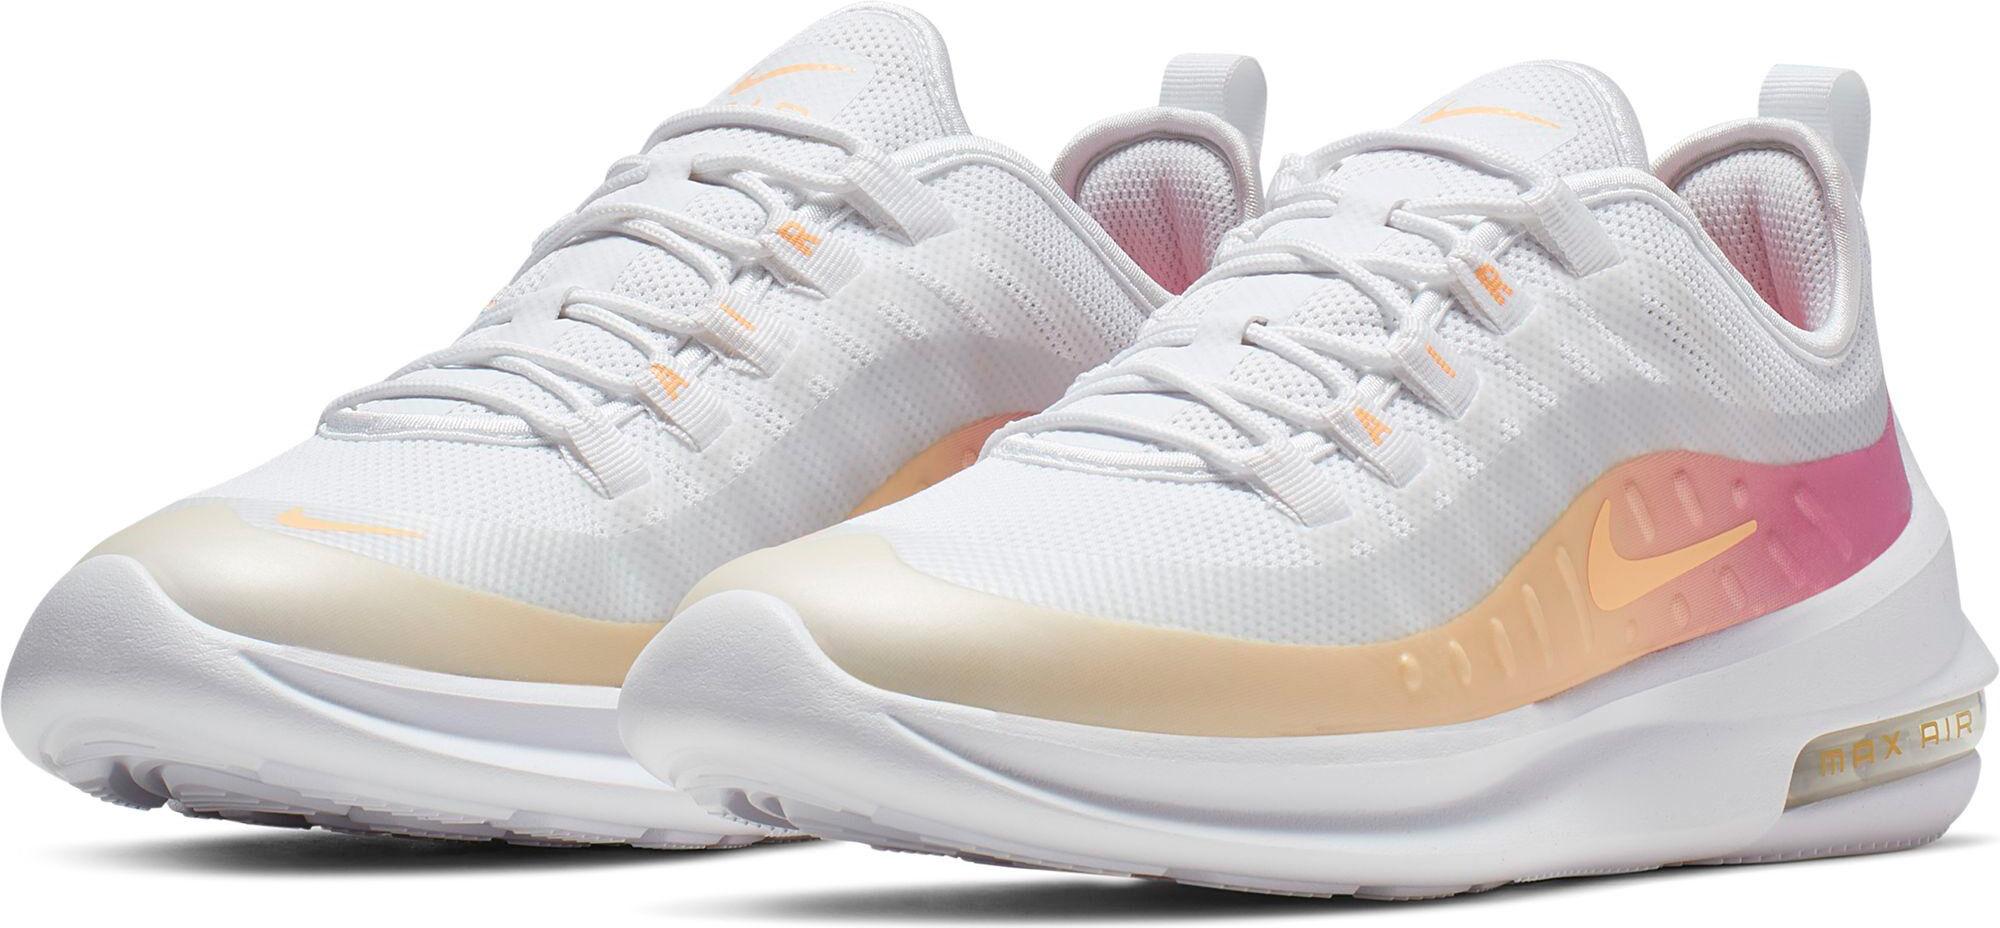 Nike · Air Max Axis Premium sneakers Dames